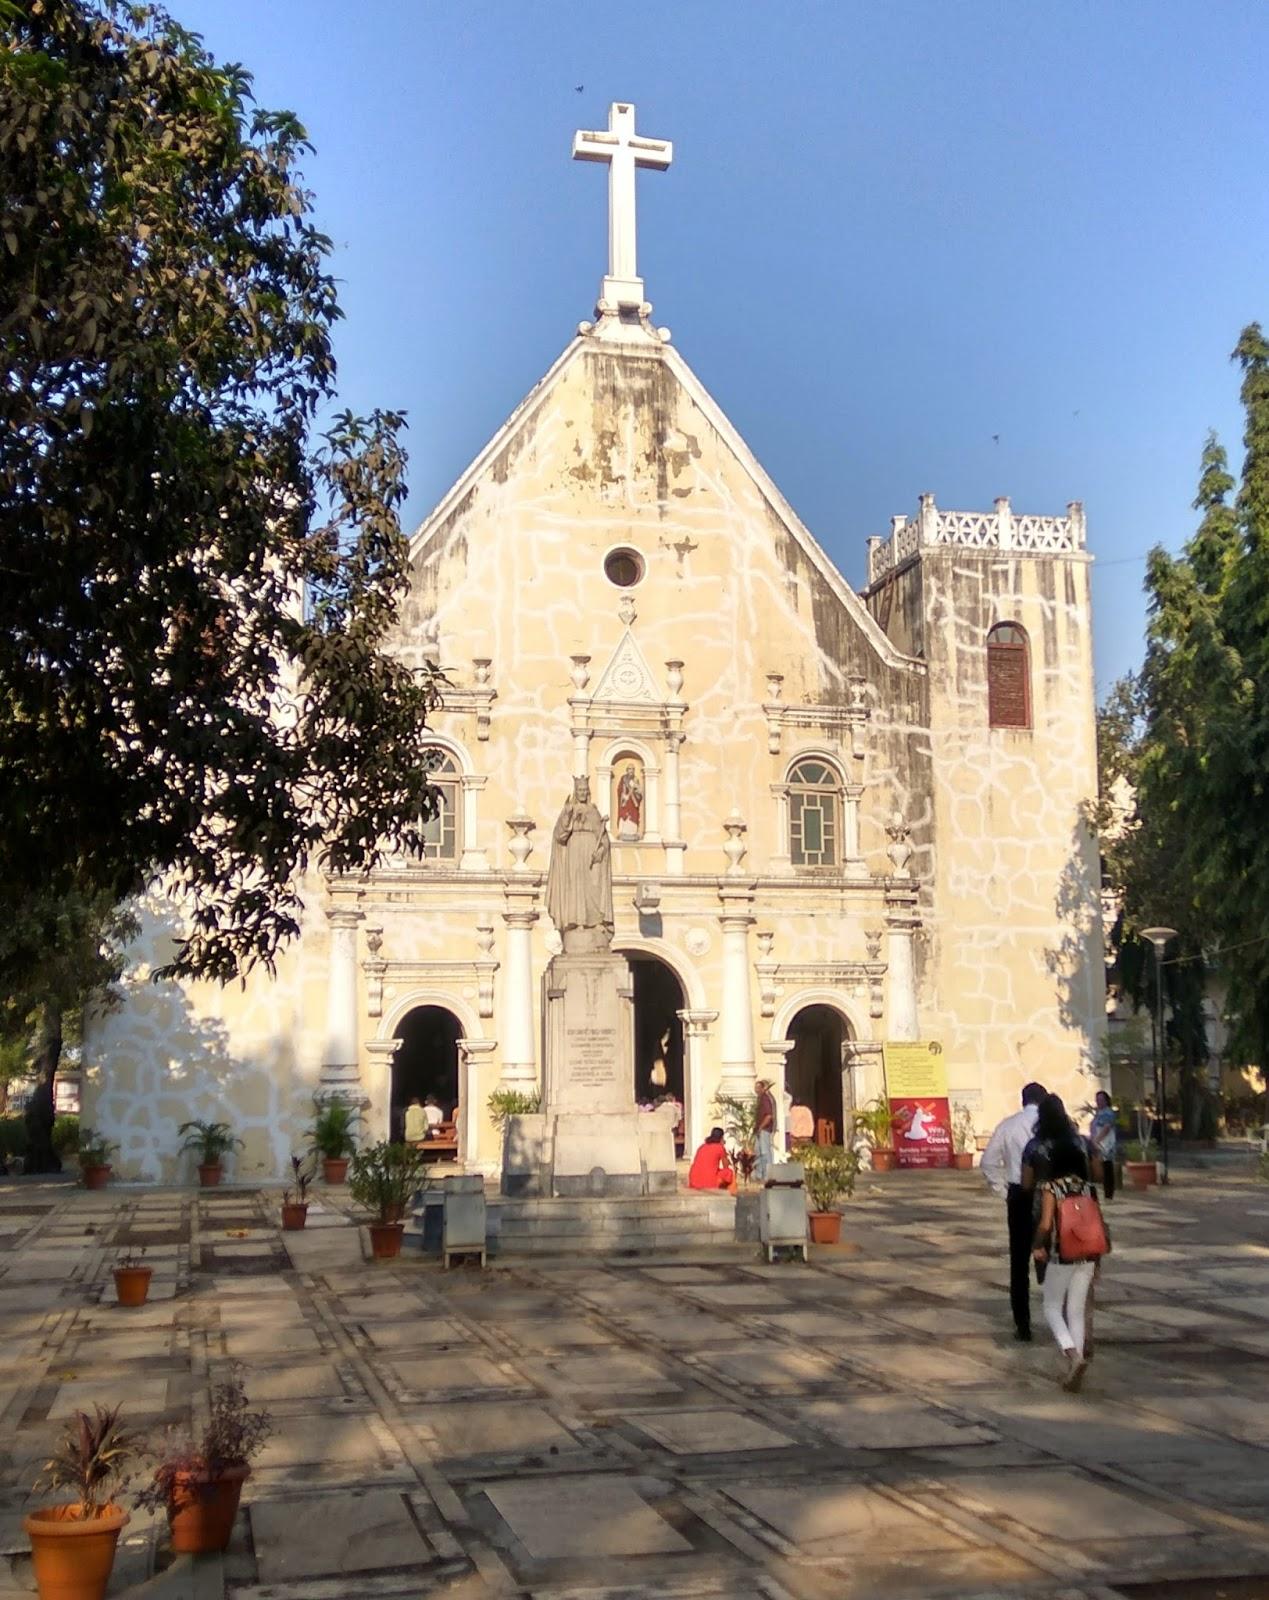 St. Andrew's Church, Mumbai. Source: mumbai daily.com